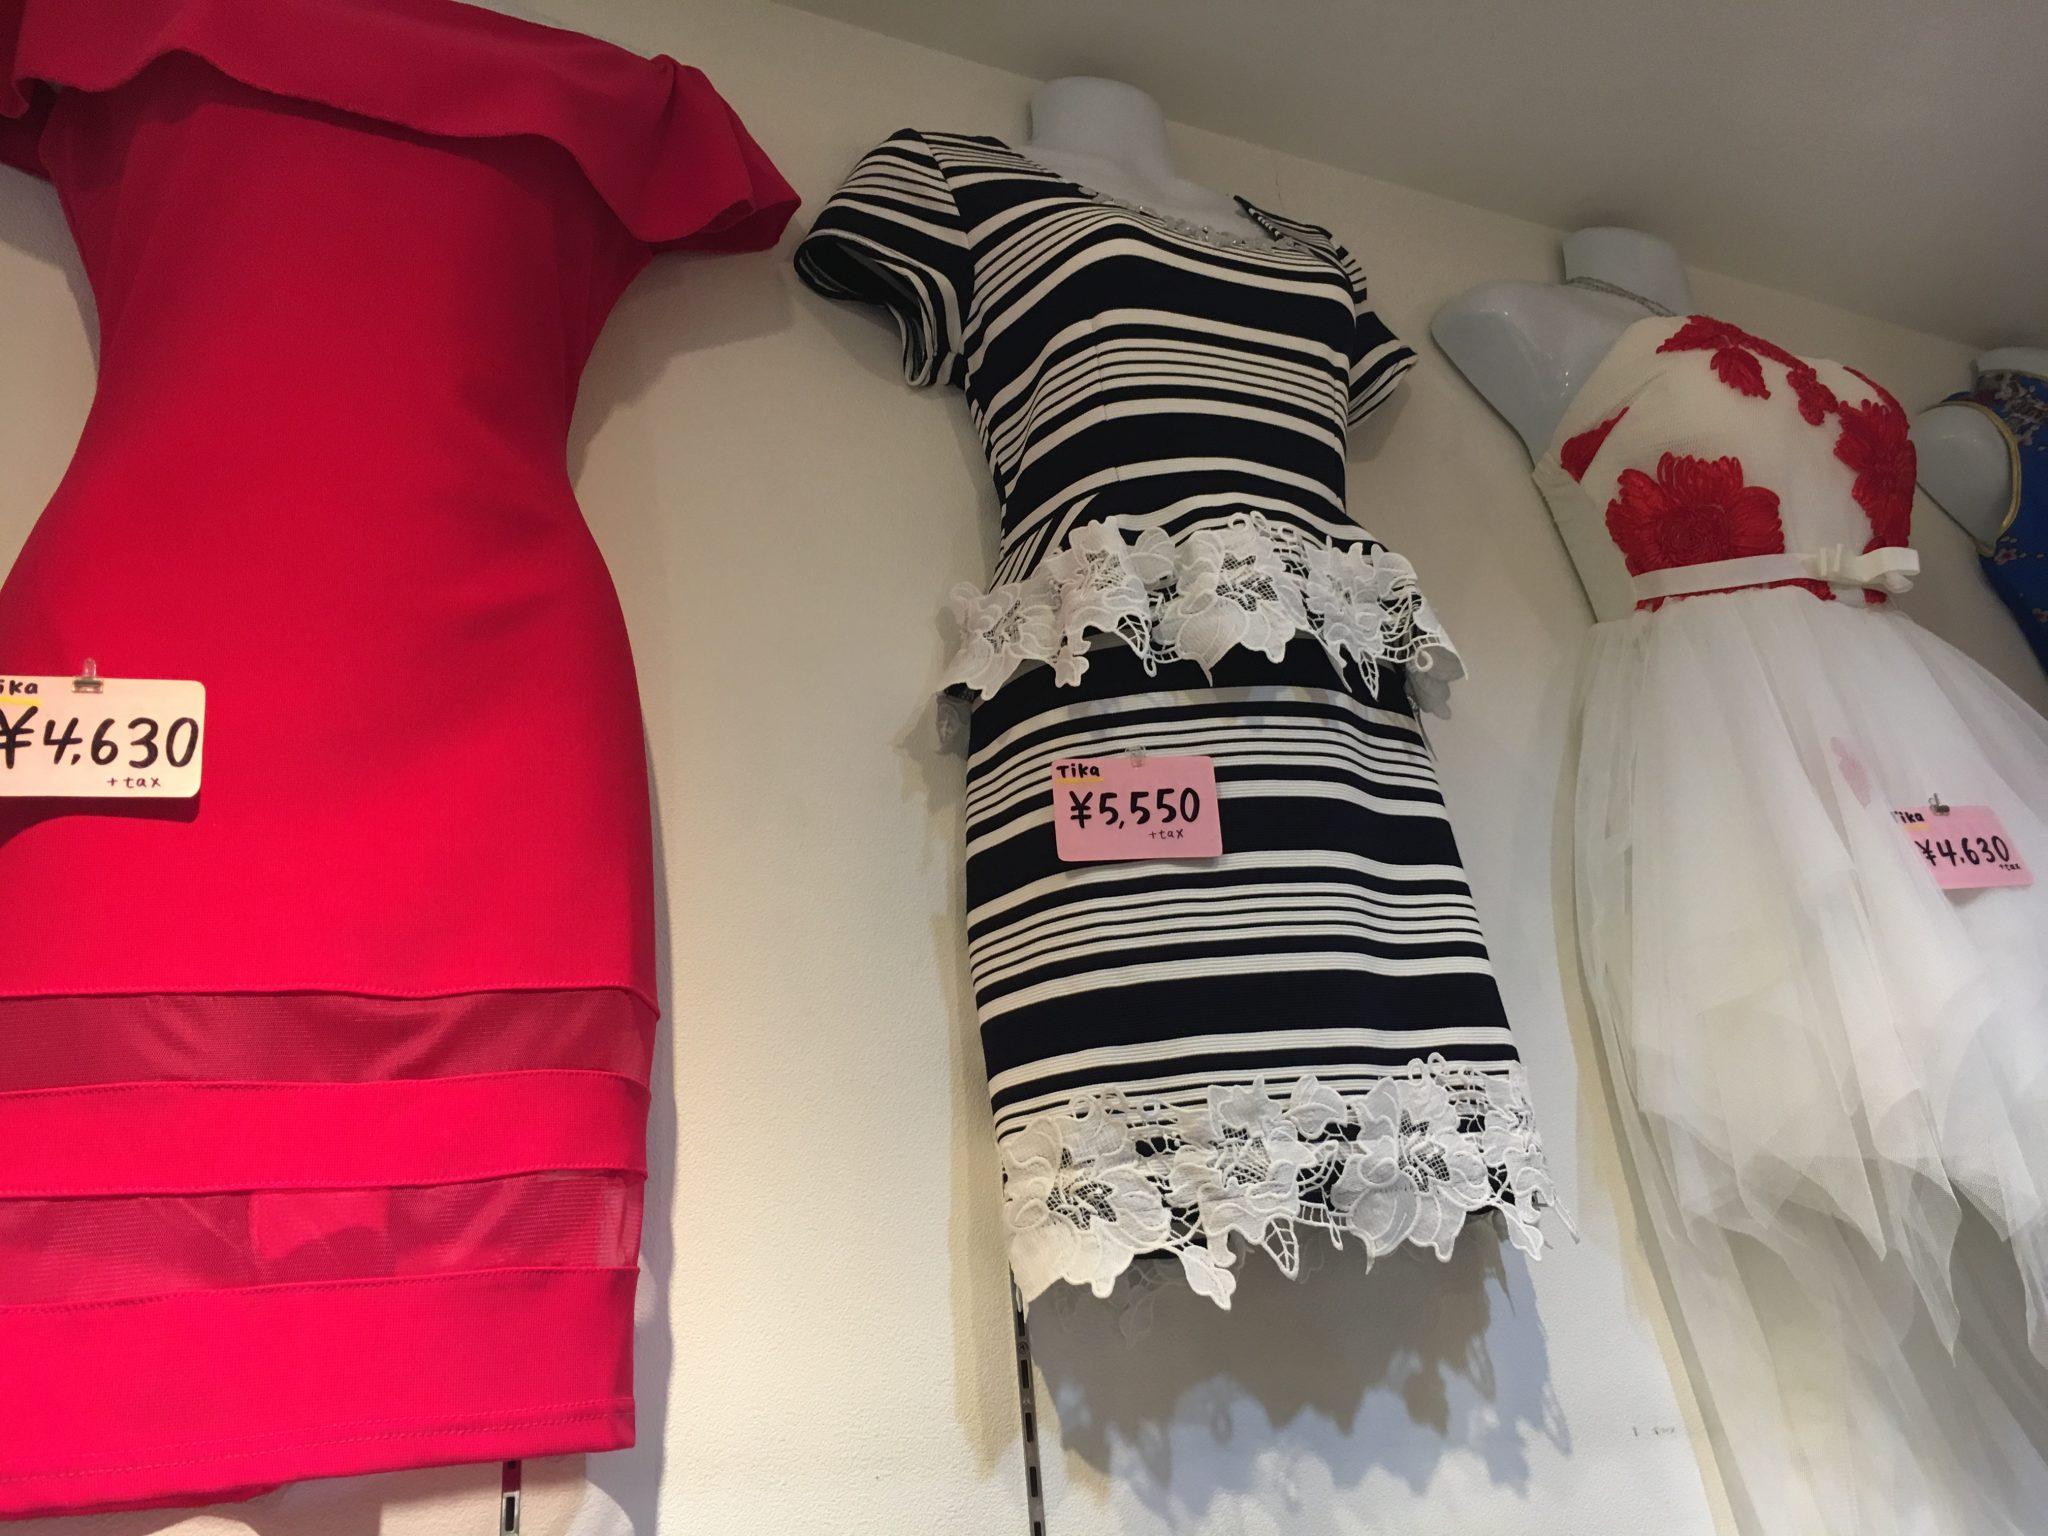 AS COLLECTIONアズトレーディング店アズコレクション商品(ドレス)